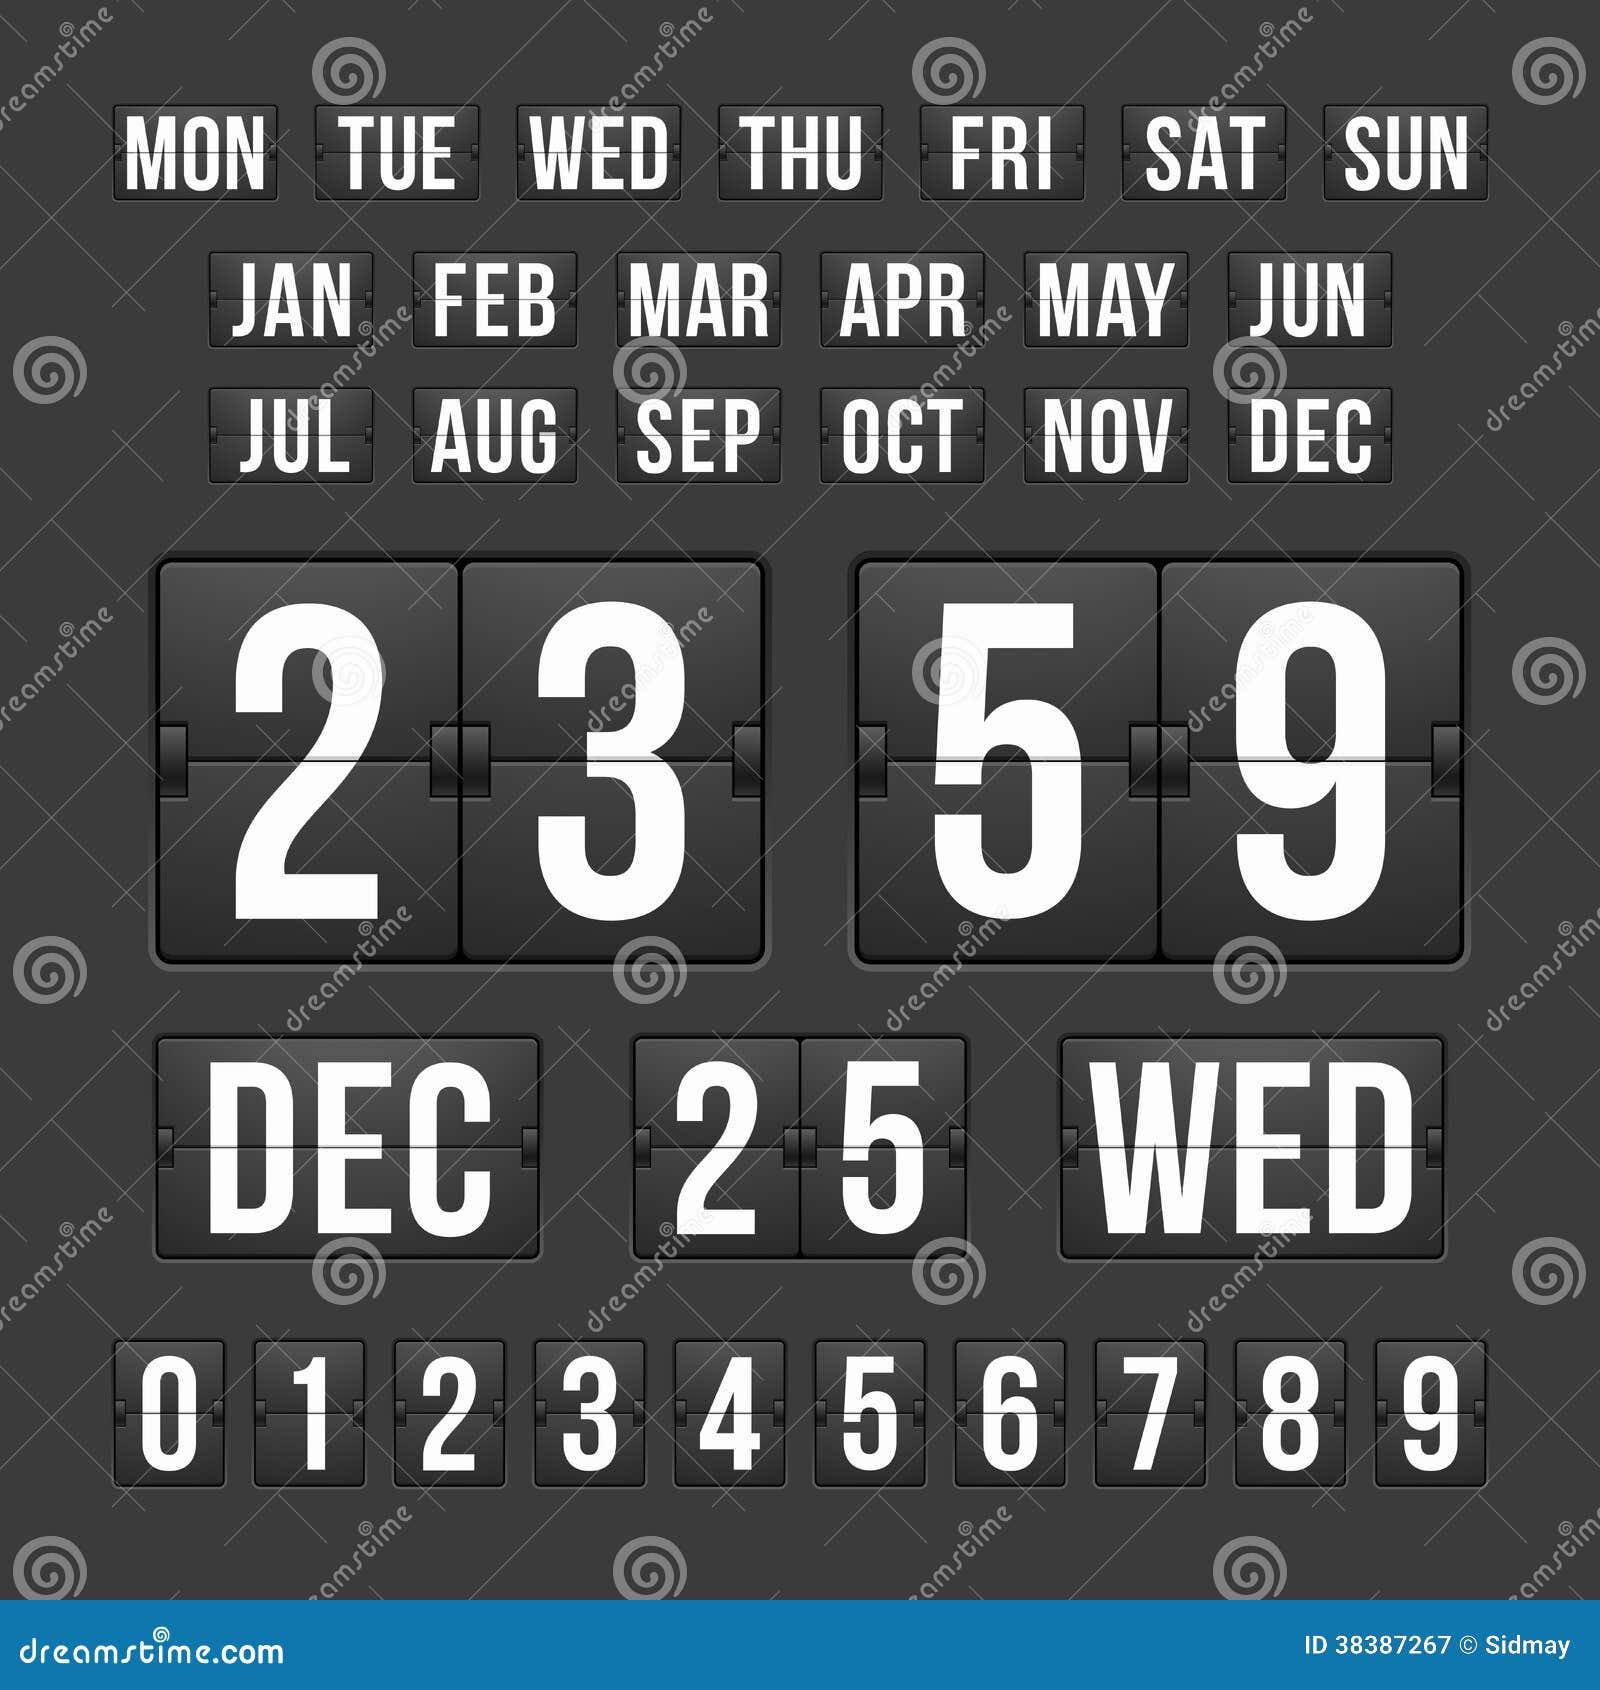 Countdown timer online date in Brisbane